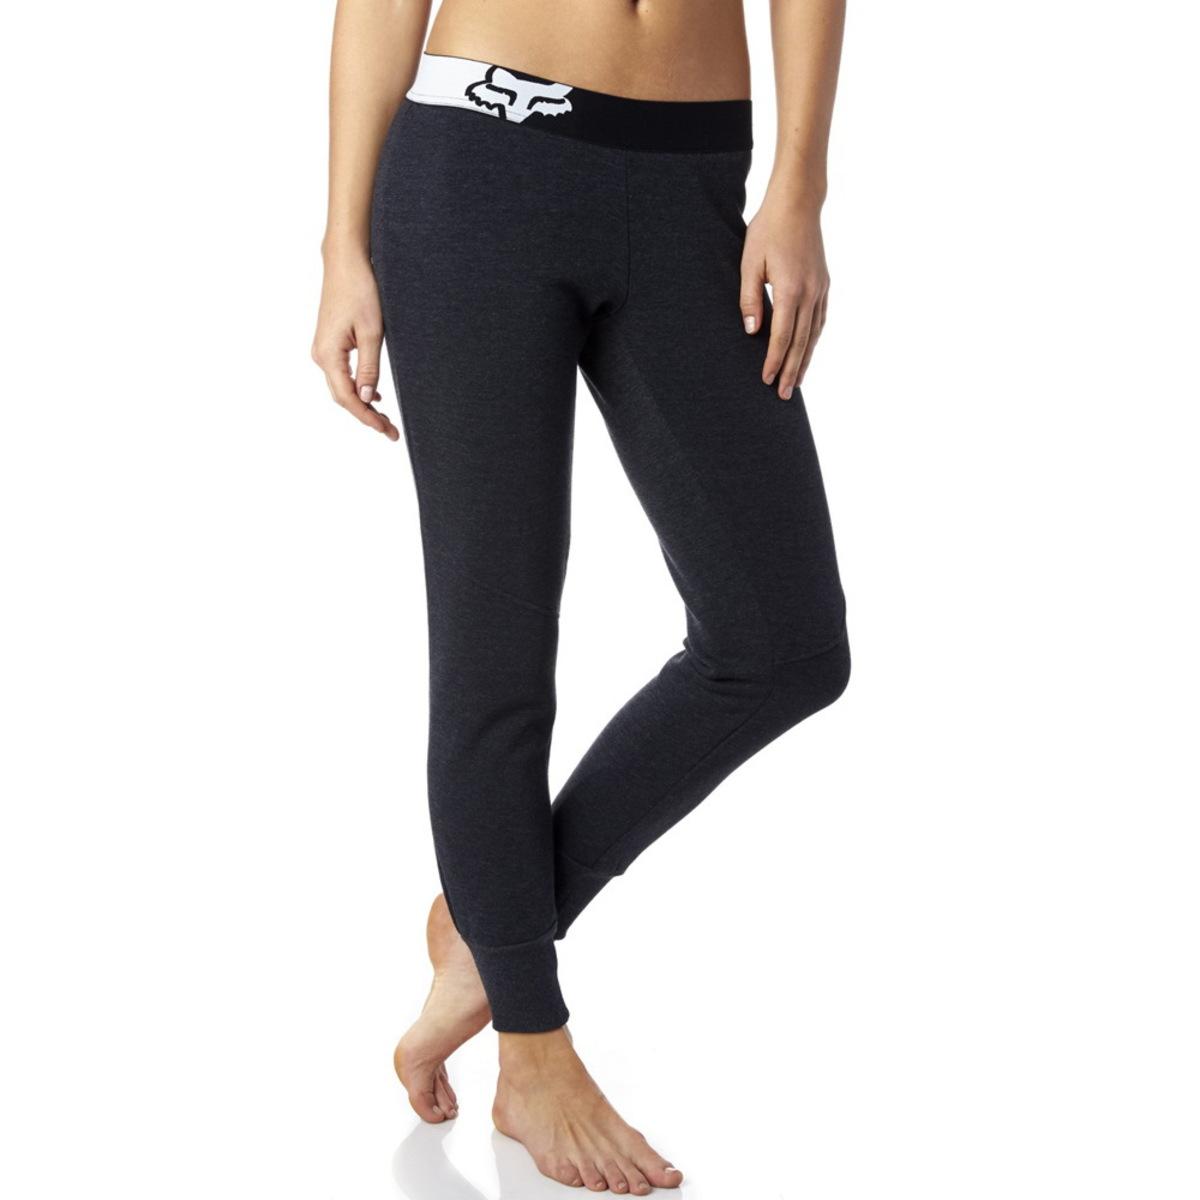 kalhoty dámské (tepláky) FOX - Certain Pant - Heather Black - 17554-243